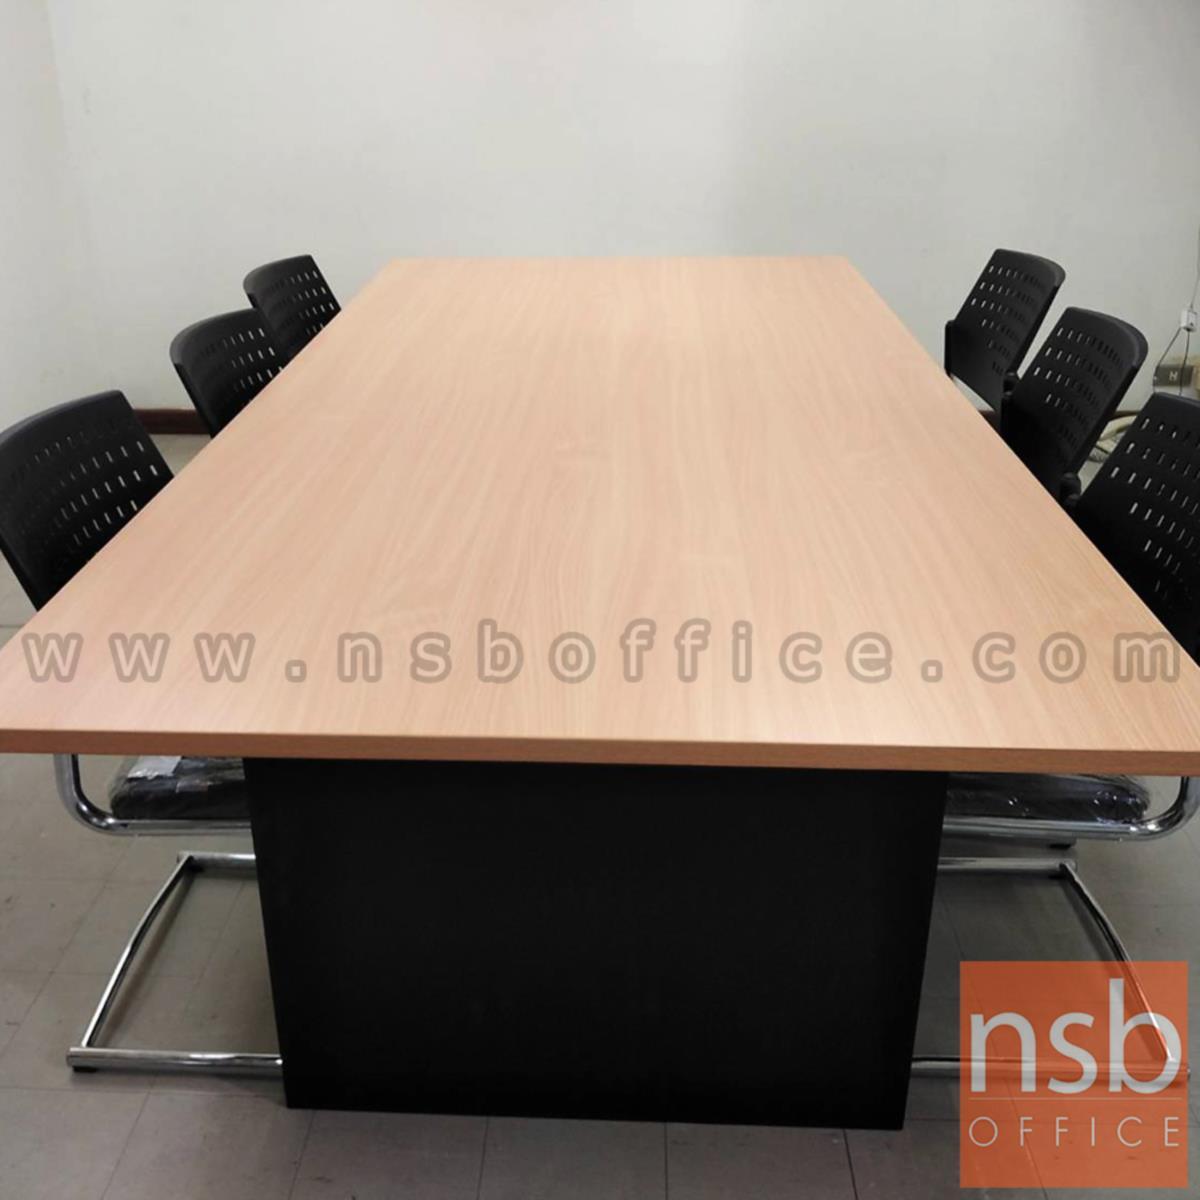 โต๊ะประชุมทรงสี่เหลี่ยม  รุ่น Seaton (ซีตัน) 6 ,8 ,10 ที่นั่ง ขนาด 165W ,180W ,200W ,240W cm.  เมลามีน